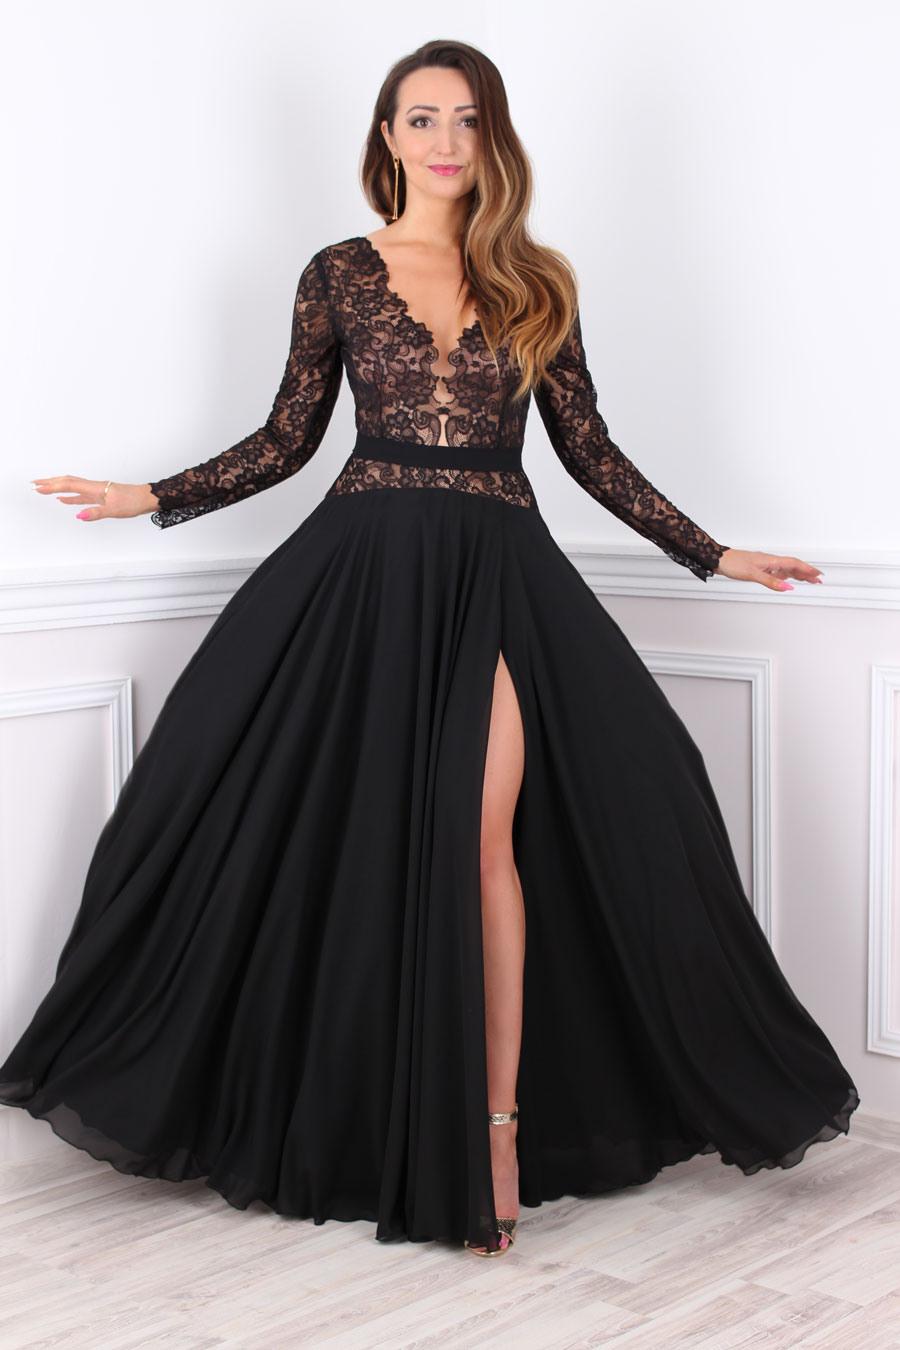 10 Genial Abendkleider Mit Ärmel Spezialgebiet20 Großartig Abendkleider Mit Ärmel Galerie